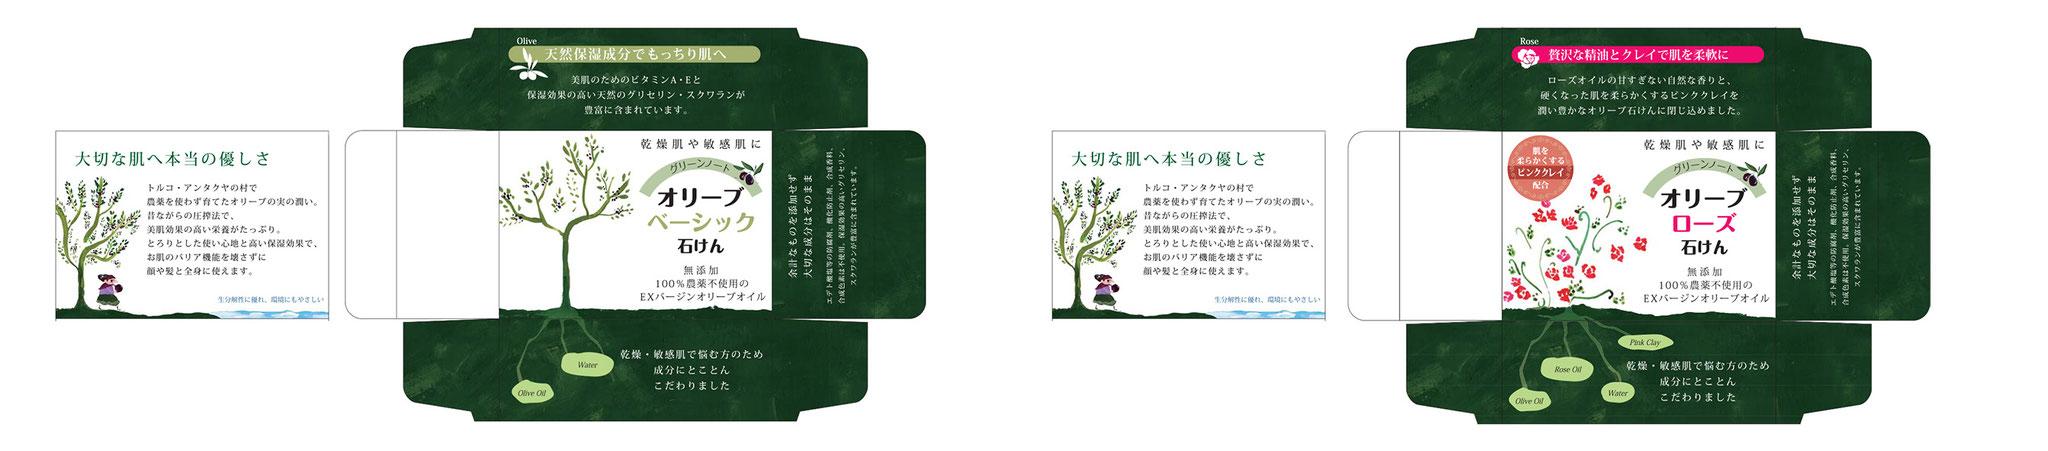 オリーブ石鹸 化粧箱デザイン 箱の面を全て使って商品の良さを表現しています